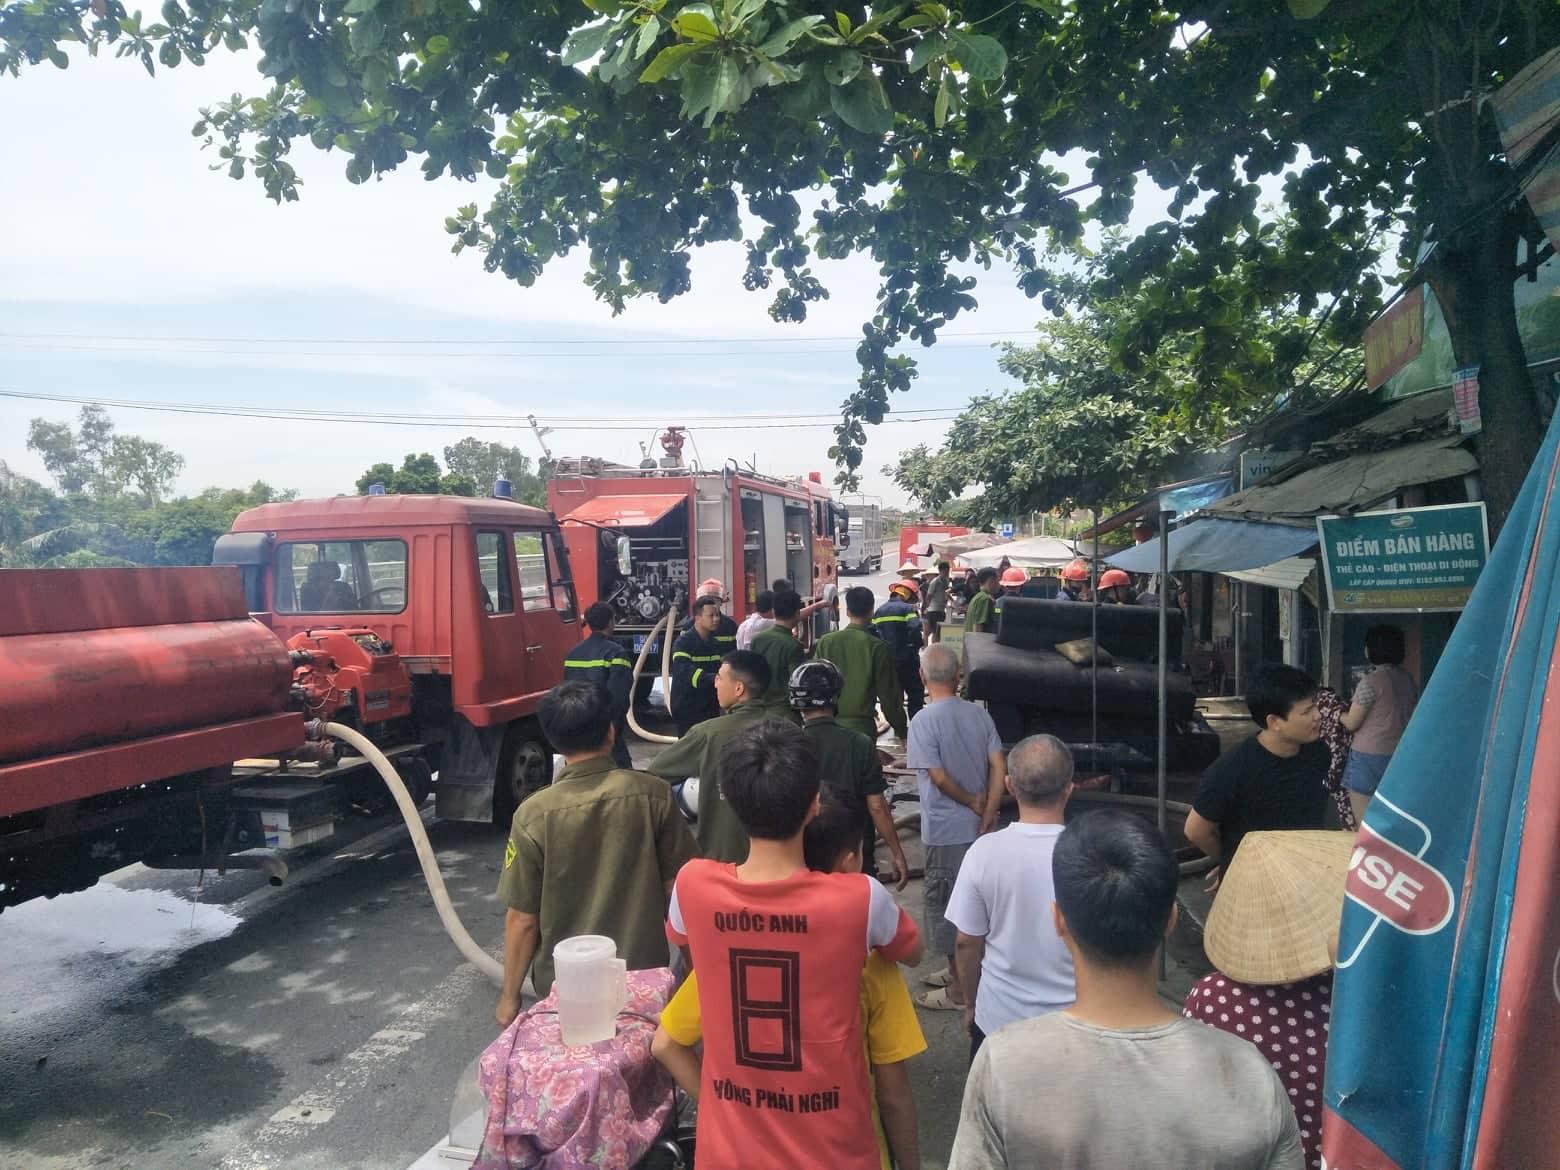 Hà Nam: Nhà dân bất ngờ cháy lớn cạnh quốc lộ 1A, lực lượng cứu hỏa phải phá cửa ngách dập lửa - Ảnh 3.